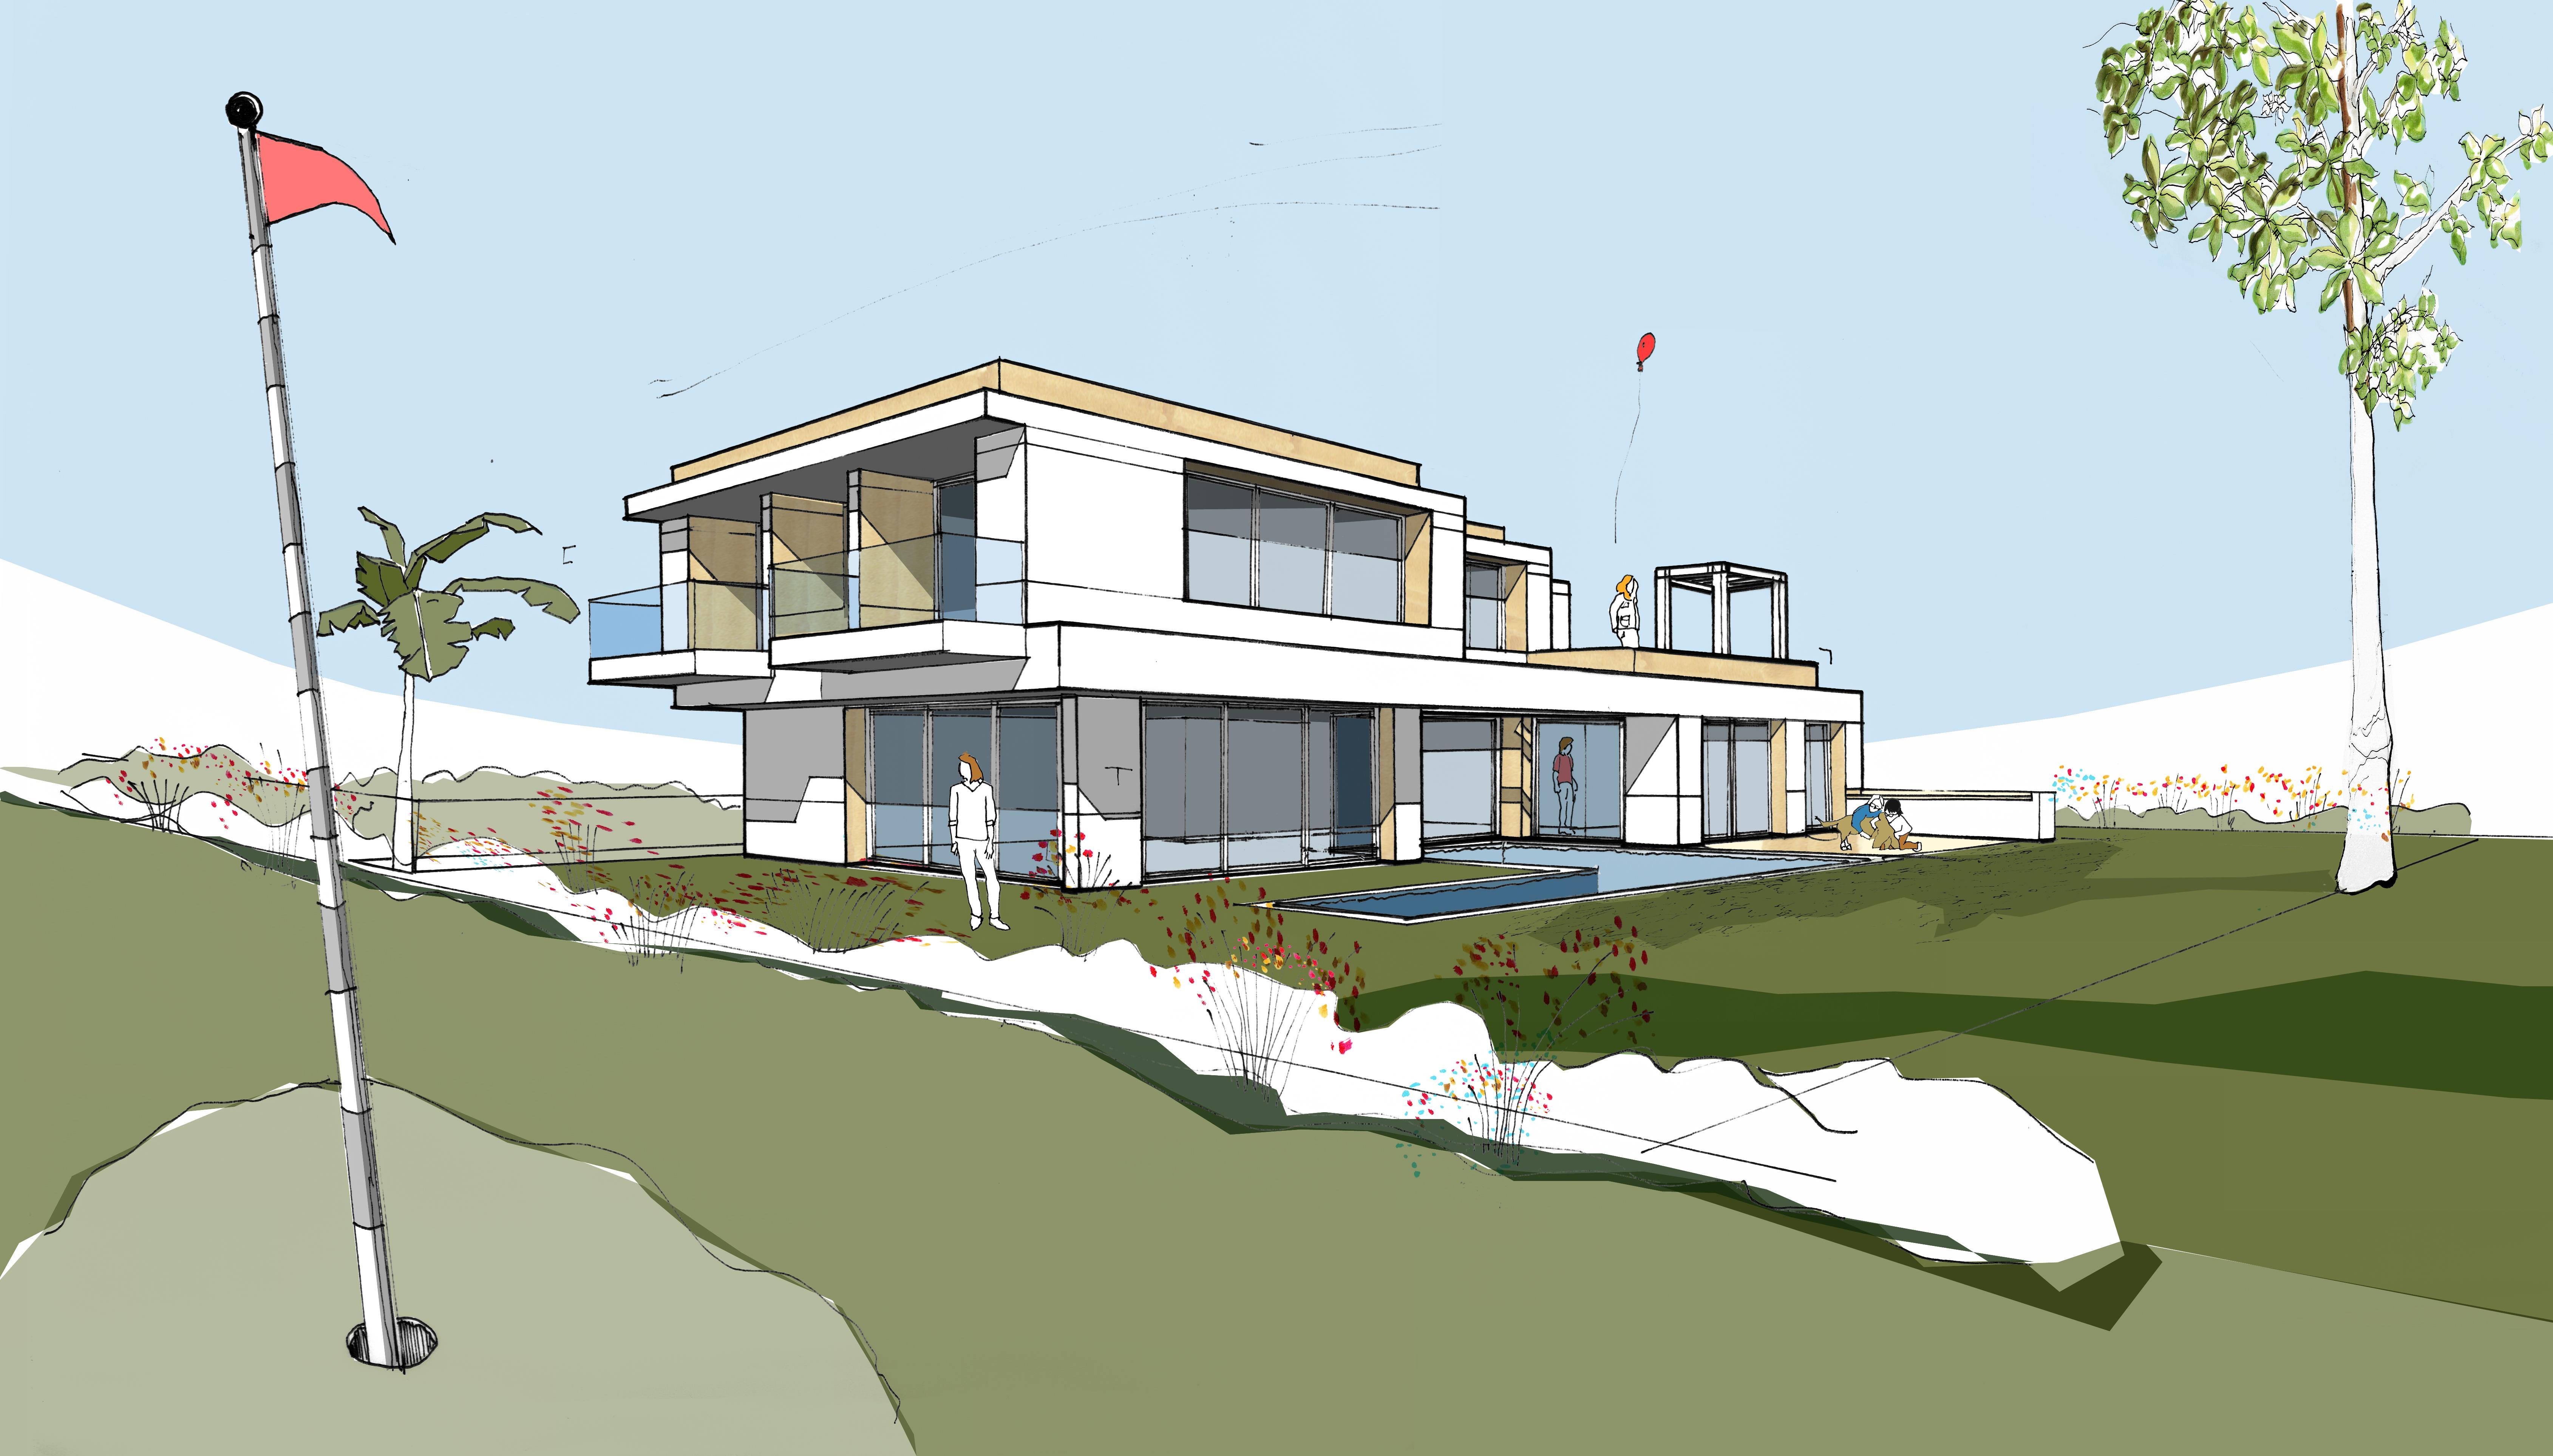 Casa Unifamiliar por un Venta en Detached house, 5 bedrooms, for Sale Loule, Algarve 8125-001 Portugal